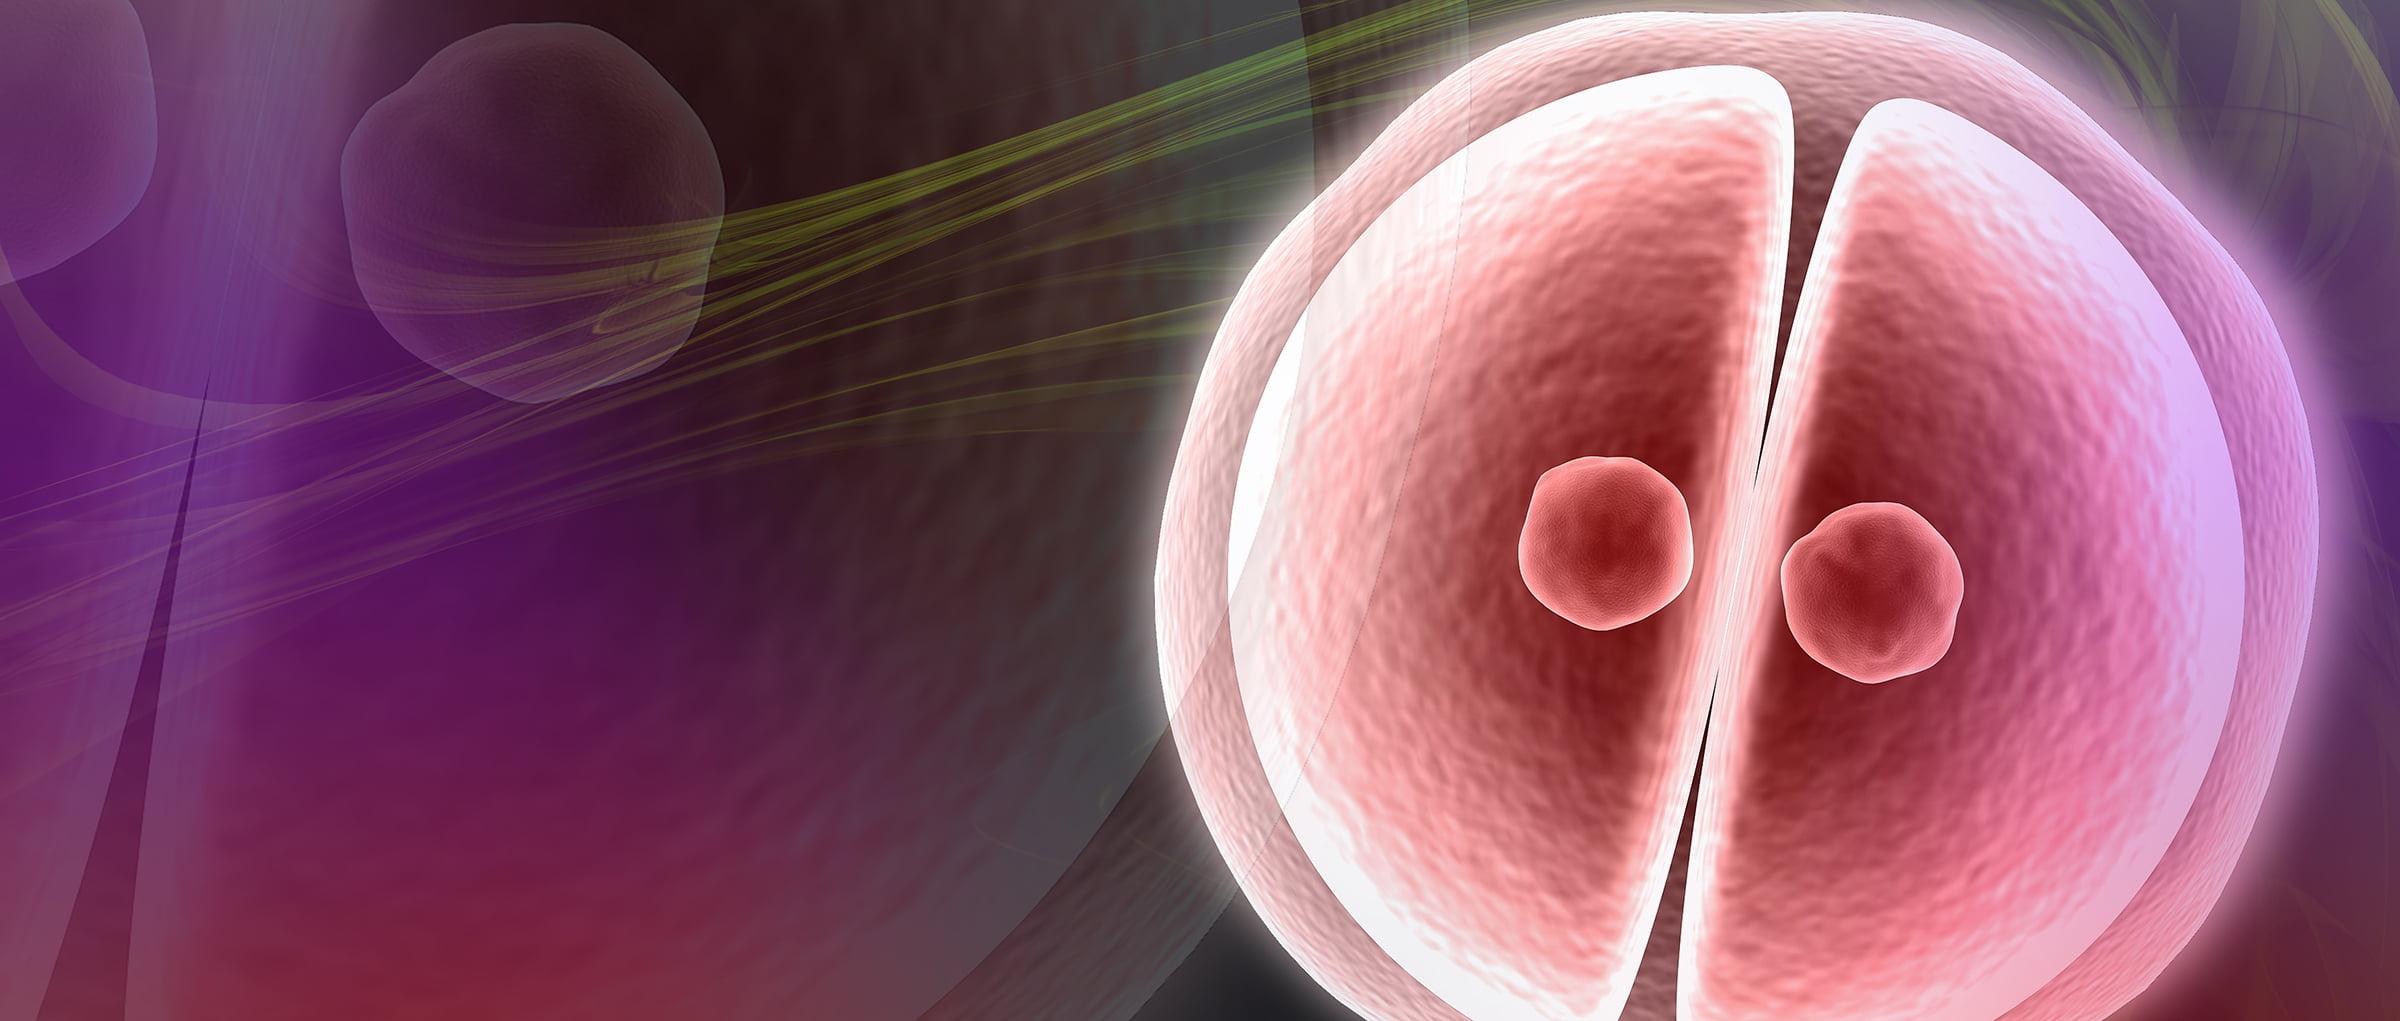 Selección de los embriones